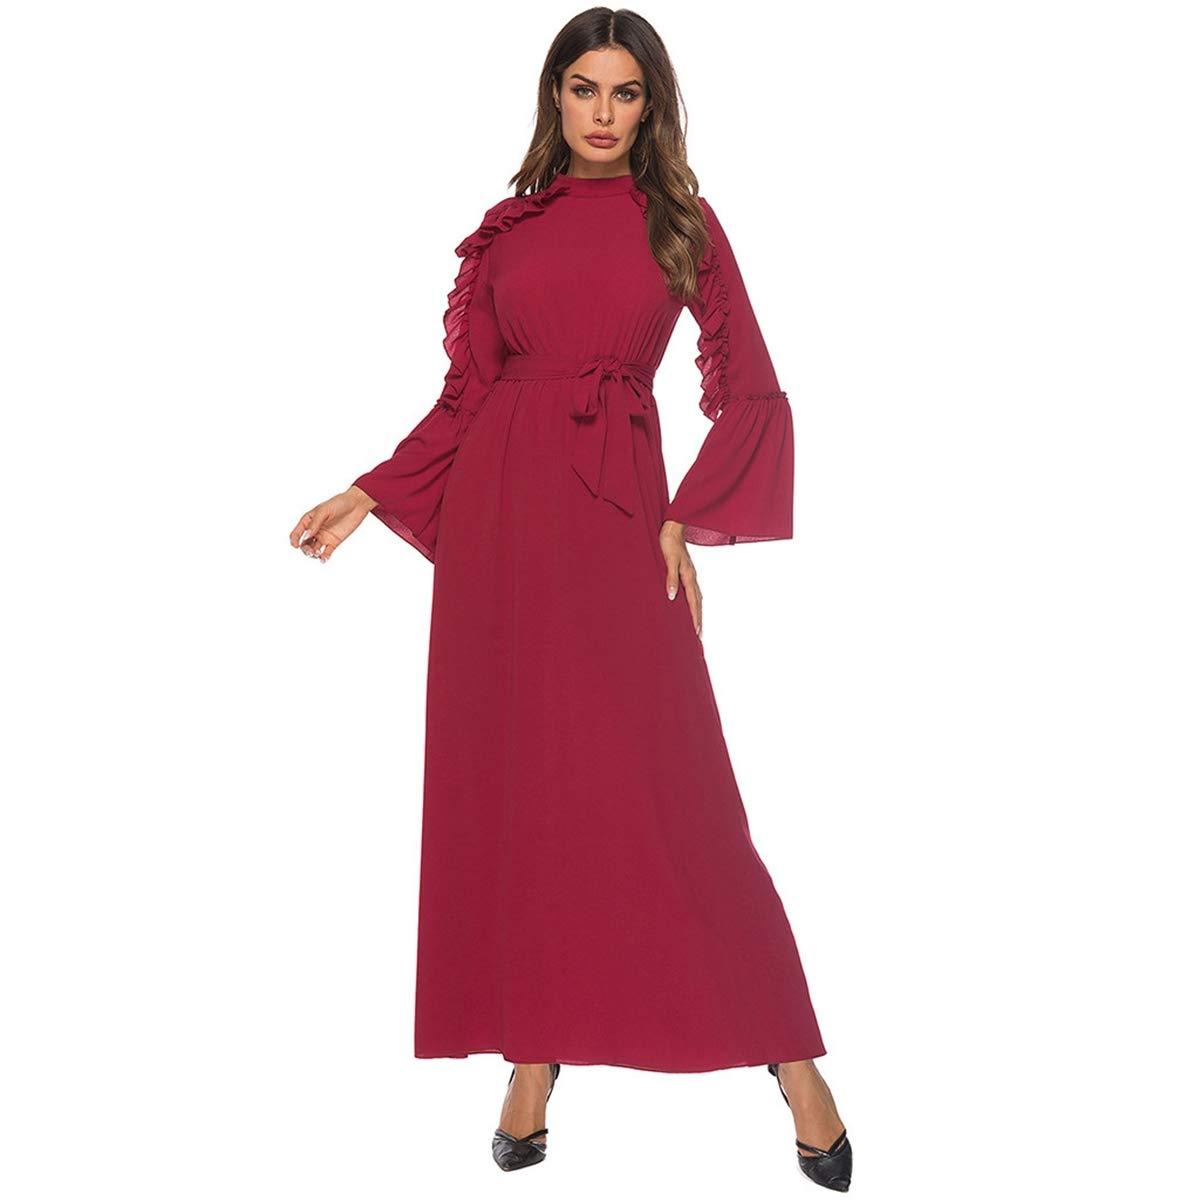 Amazon.com: 2019 Nuevo. Vestido musulmán para mujer, vestido ...